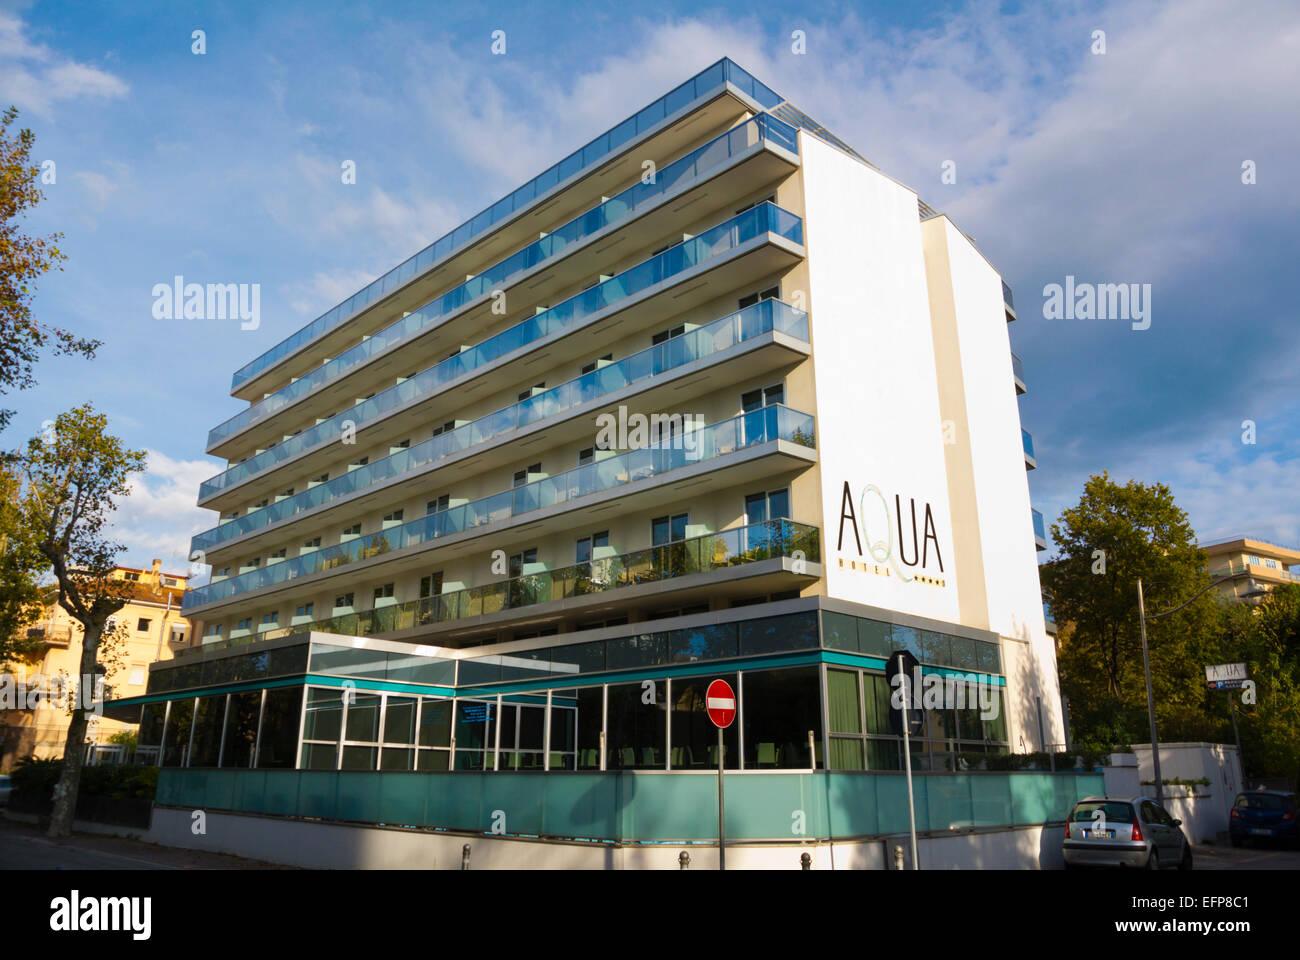 Aqua Hotel And Spa Near The Beach Rimini Italy Stock Photo Royalty Free Image 78550865 Alamy